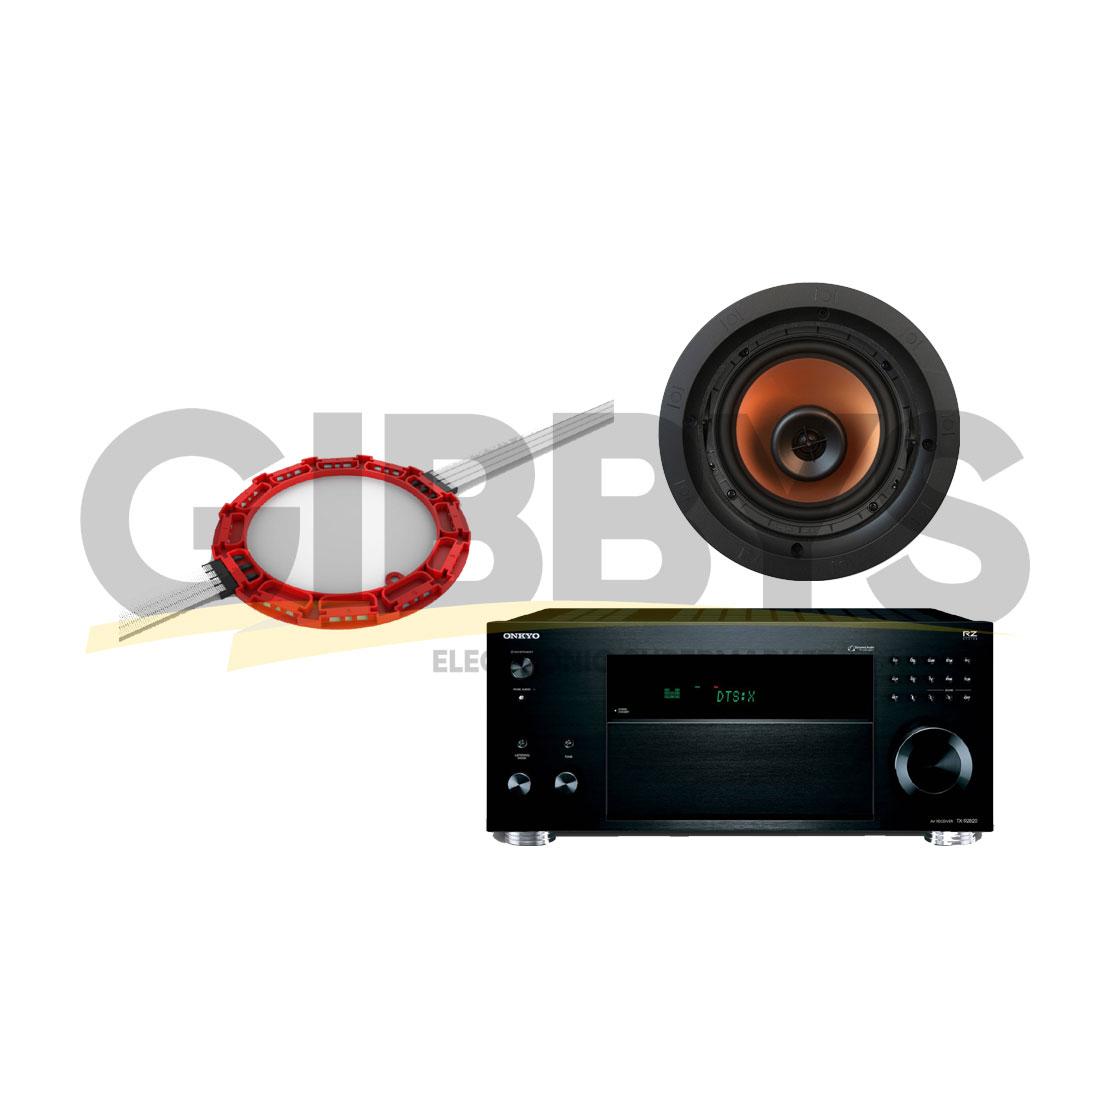 Onkyo TX-RZ820 B-Stock 7 2 Receiver | Klipsch CDT-5650-CII 6 5